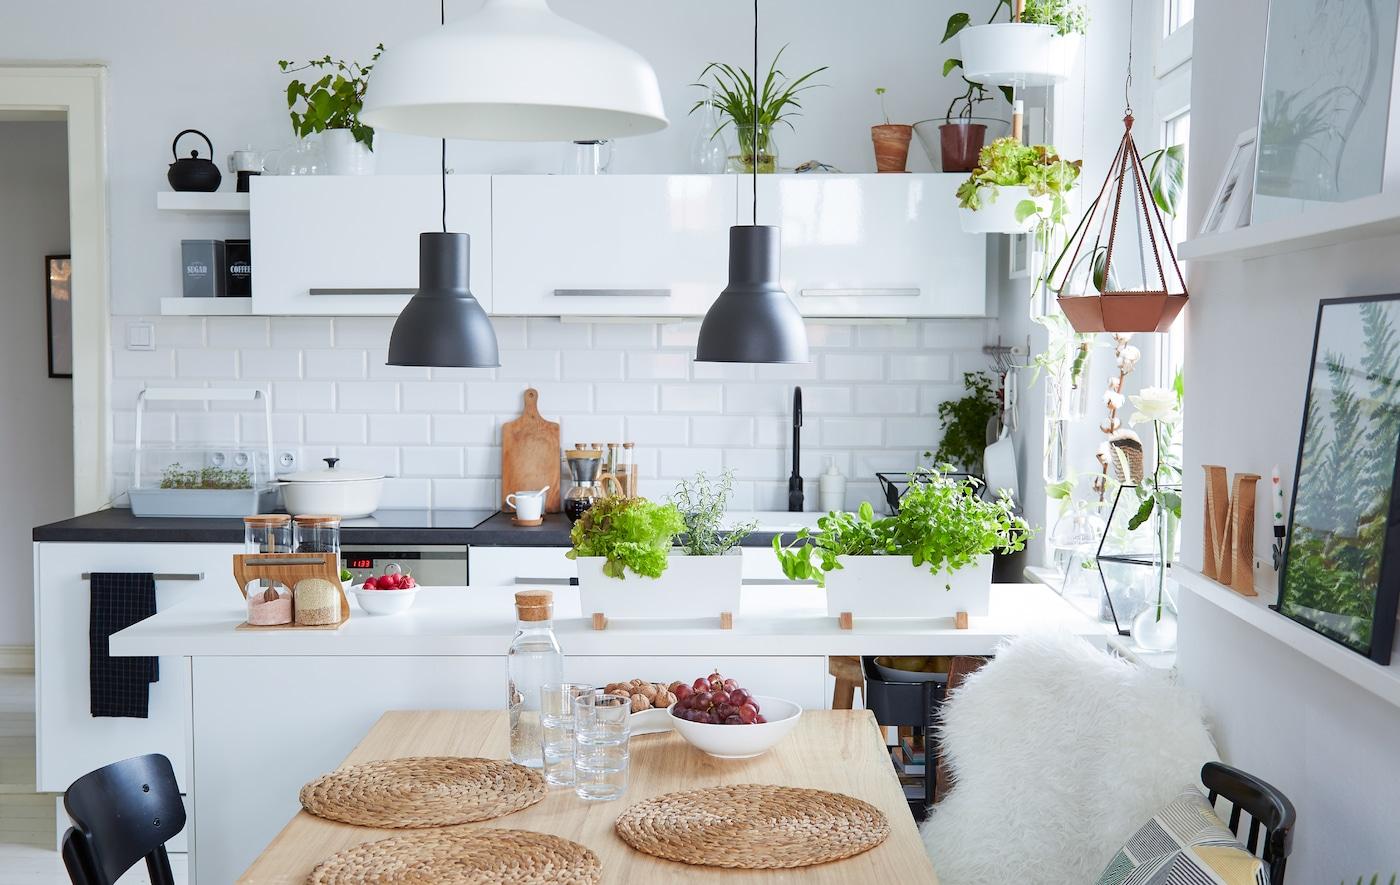 Cocina de planta abierta para toda la familia - IKEA